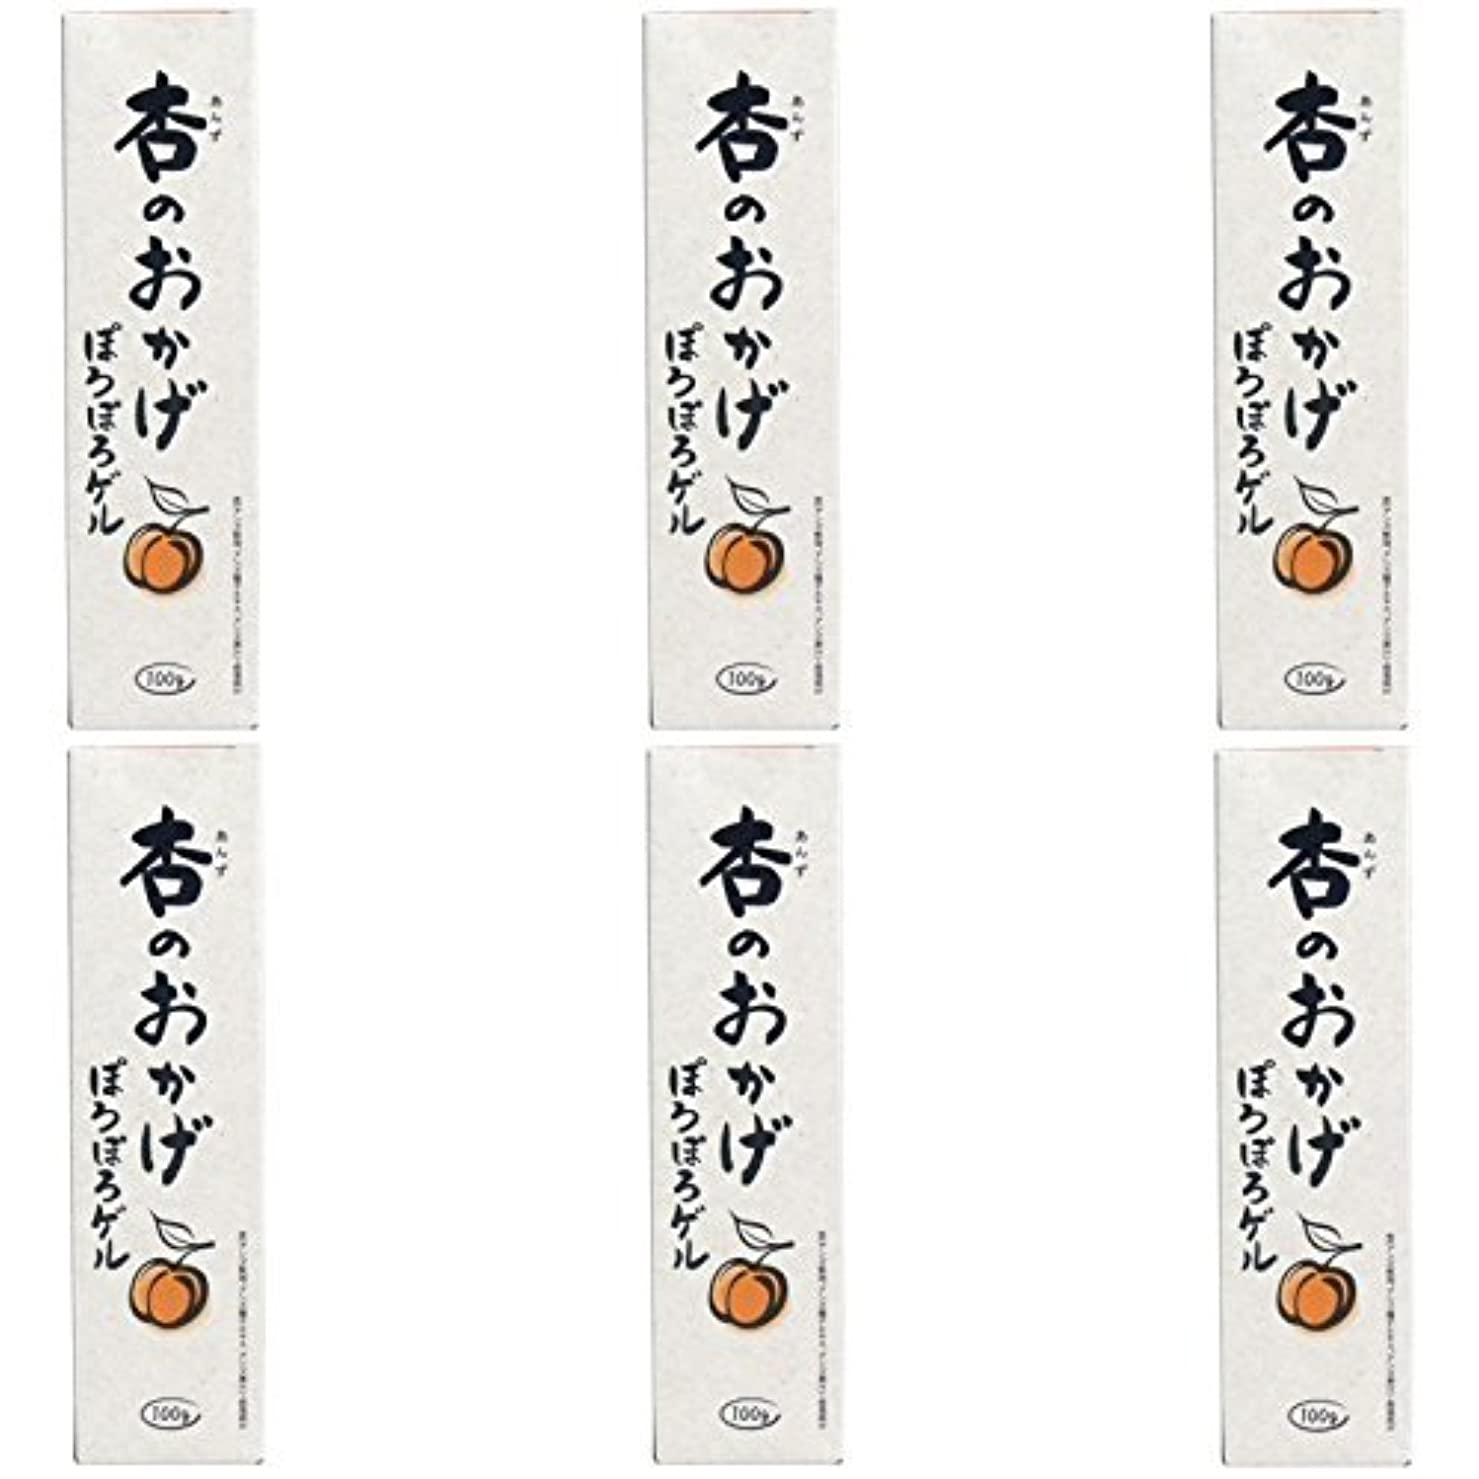 ファンネルウェブスパイダー大臣買う【まとめ買い】杏のおかげ ぽろぽろゲル 100g【×6個】